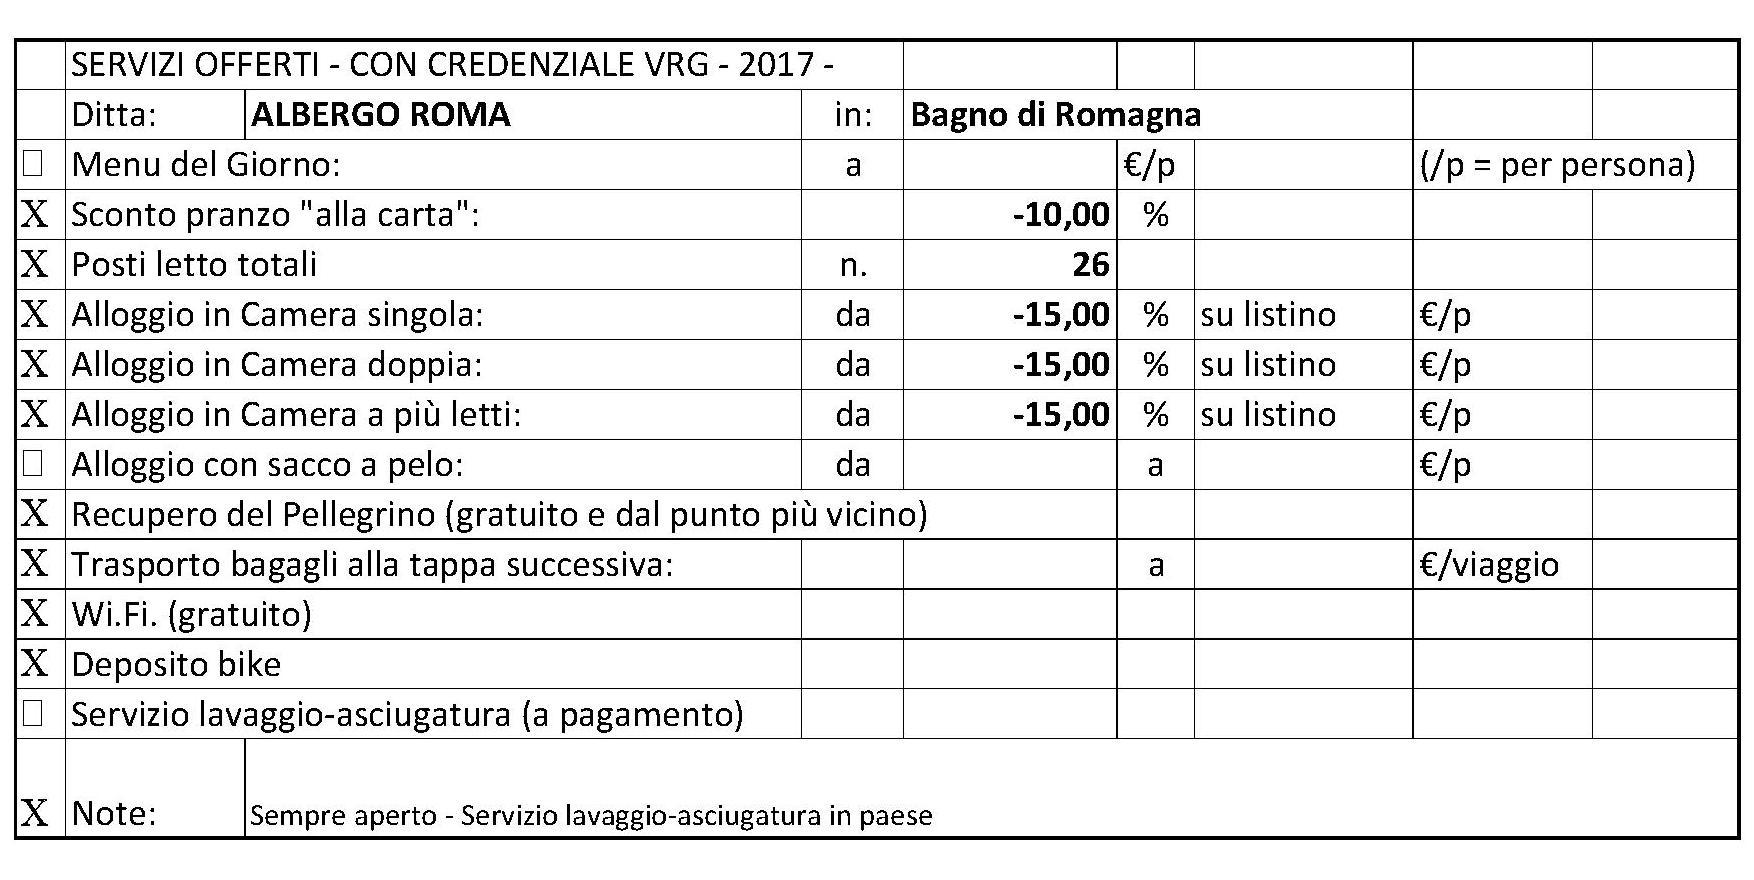 75 – (ITA 27) – Santa Sofia– Bagno di Romagna - Viaromeagermanica